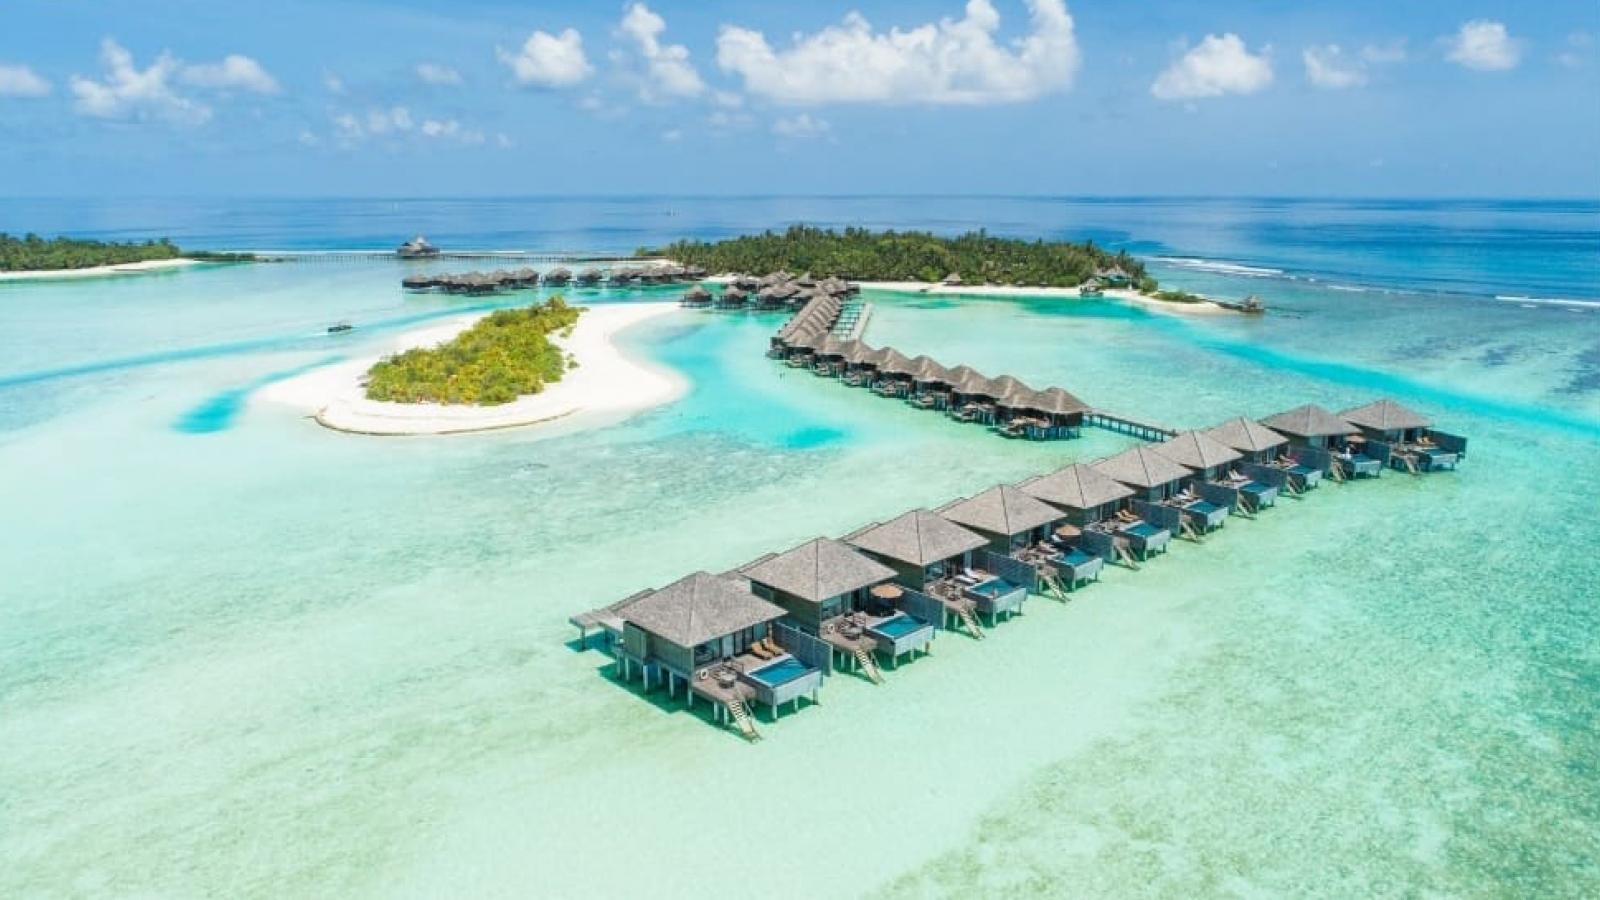 Thanh toán một lần, nghỉ dưỡng cả năm ở Maldives